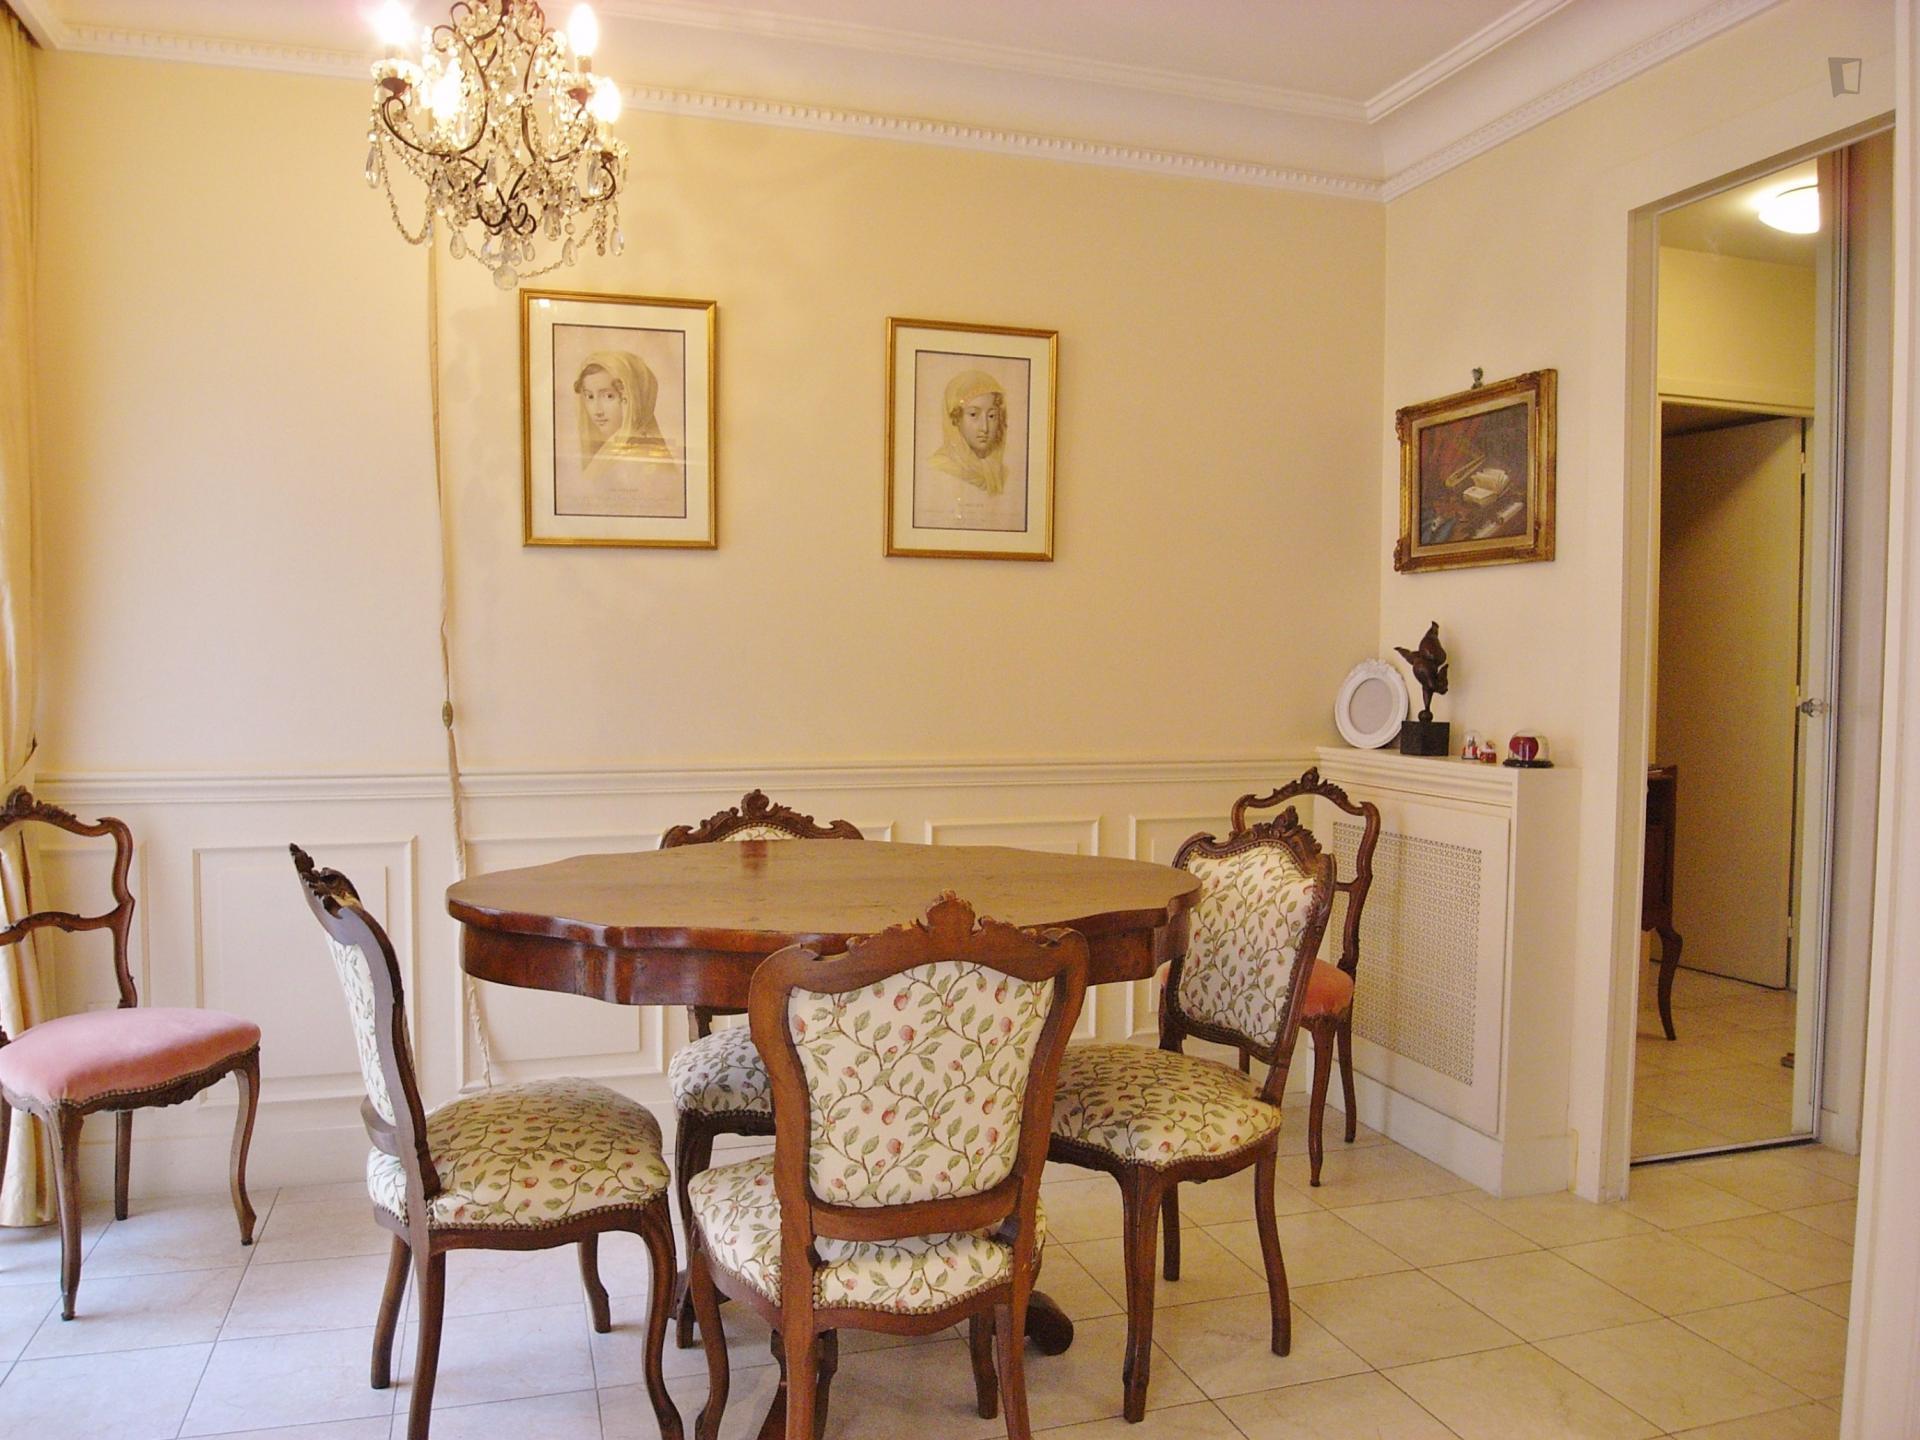 Posh apartment in central Paris